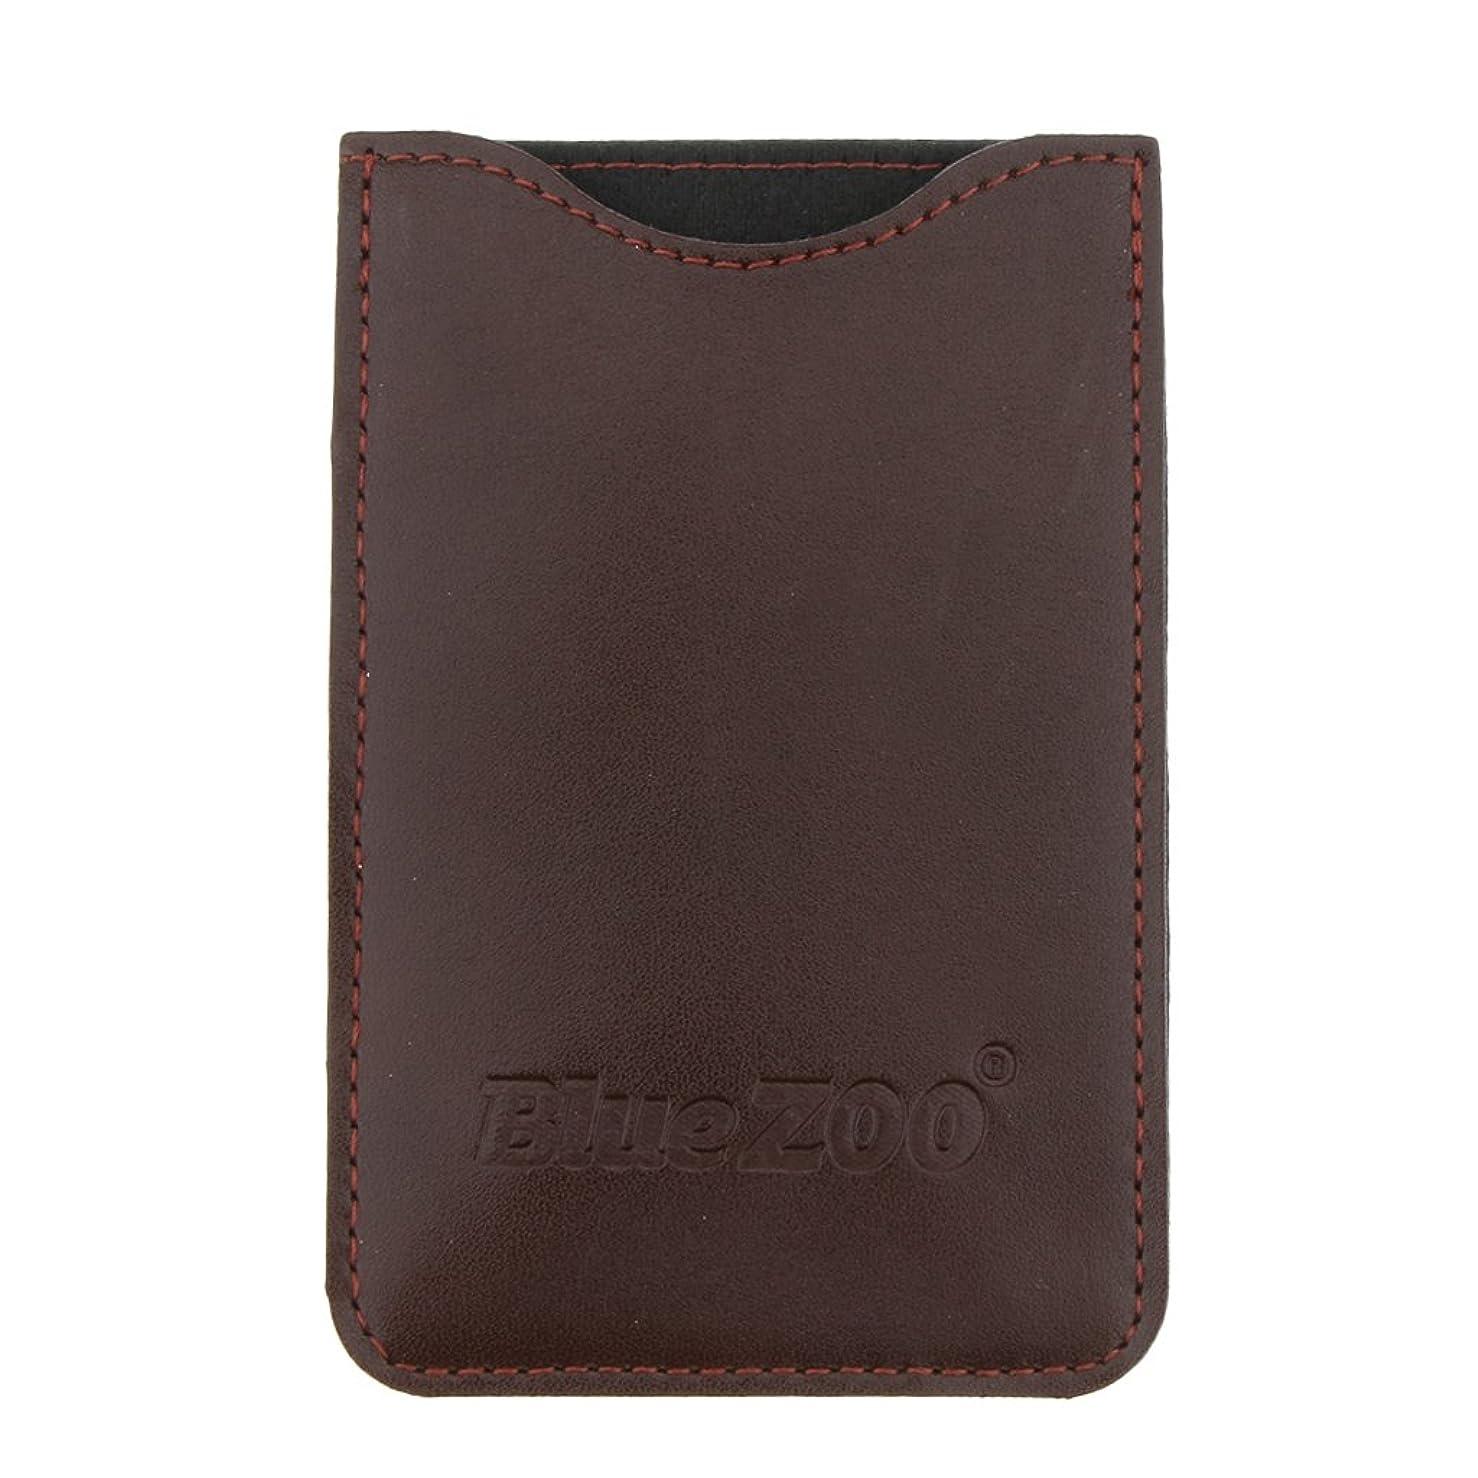 適応同化するチャペルKesoto コームバッグ 収納ケース 収納パック 保護カバー PUレザー 櫛/ヘアブラシ/名刺/IDカード/銀行カード バッグ オーガナイザー 全2色  - 褐色